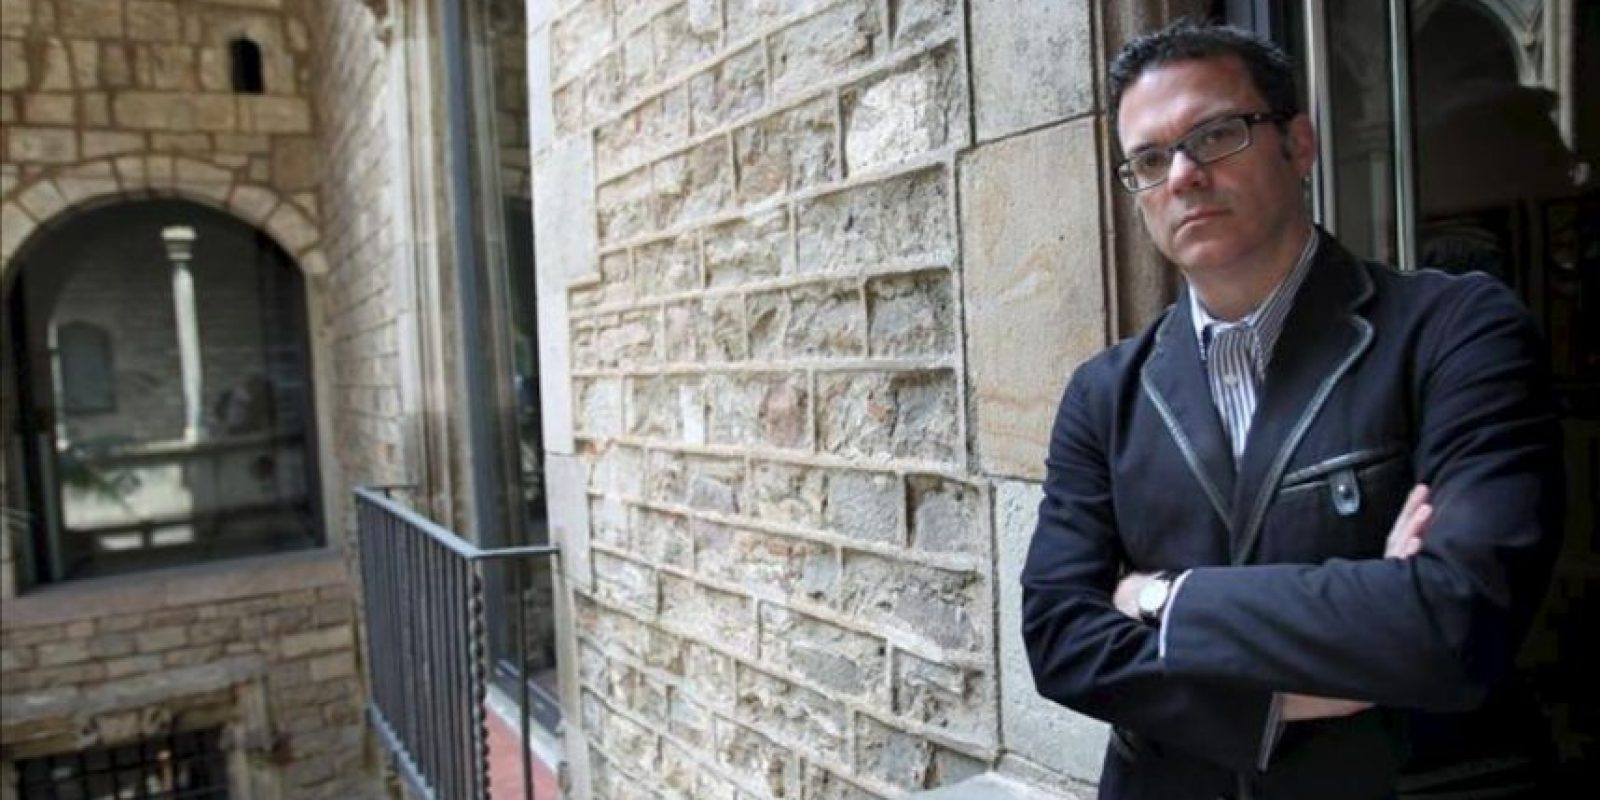 """El ecuatoriano Bernardo Laniado-Romero director del Museo Picasso de Barcelona posa durante la entrevista que mantuvo con EFE en la que defiende la vigencia del pintor en muchos artistas plásticos de hoy y asevera que tiene una gran presencia intelectual, """"nada irrelevante"""", entre ellos. EFE"""